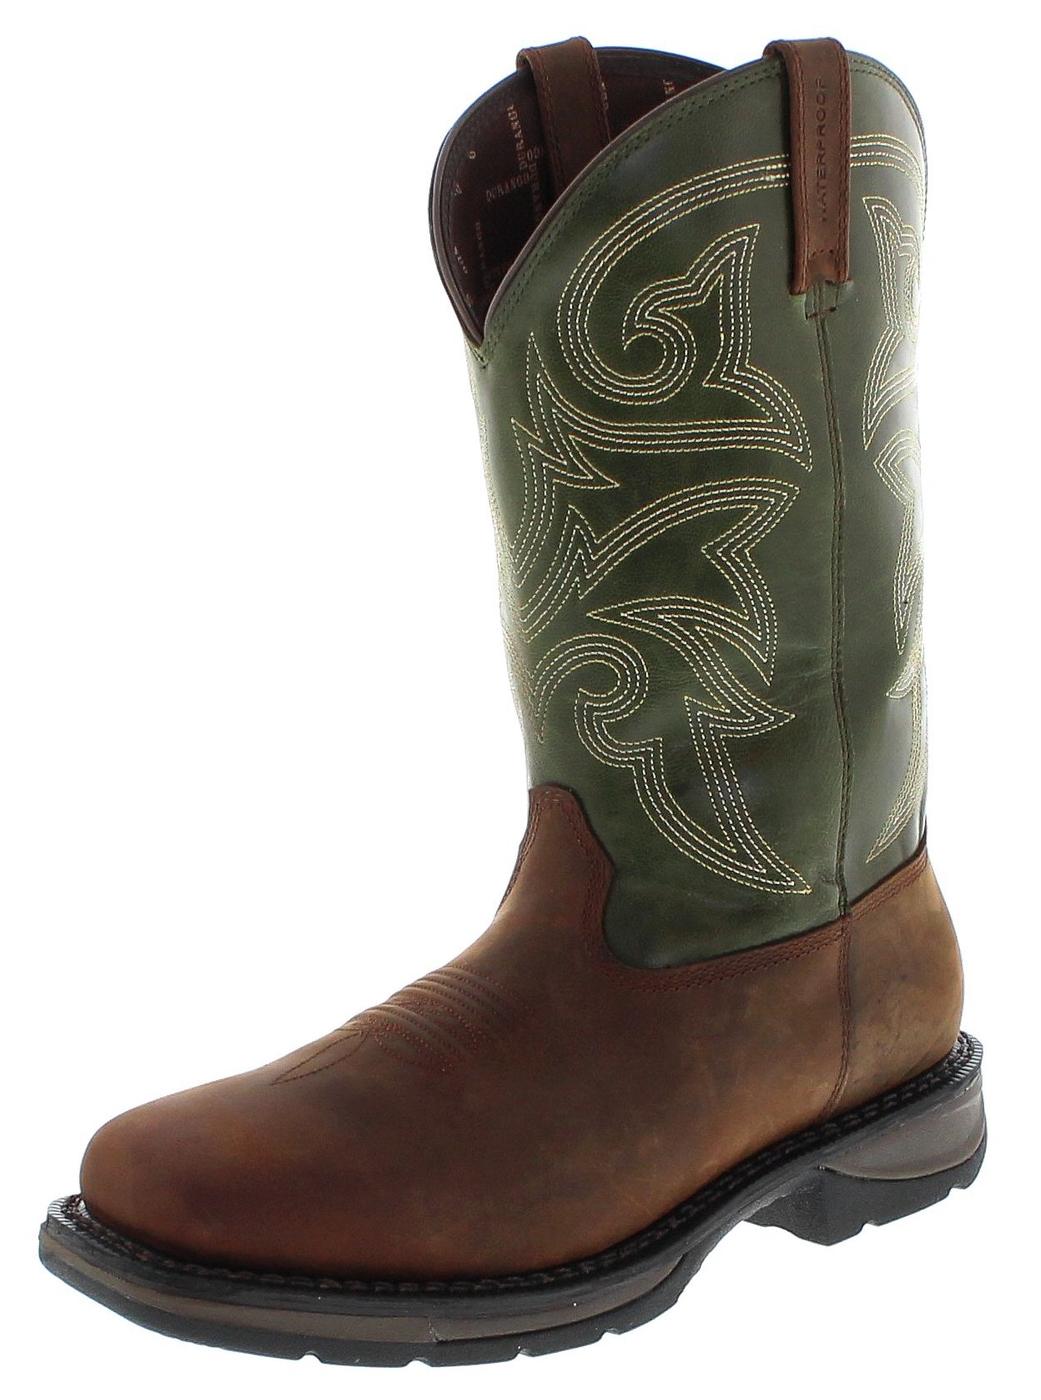 Durango Boots WESTERN DWDB039 WATERPROOF Brown Green Westernreitstiefel - braun grün